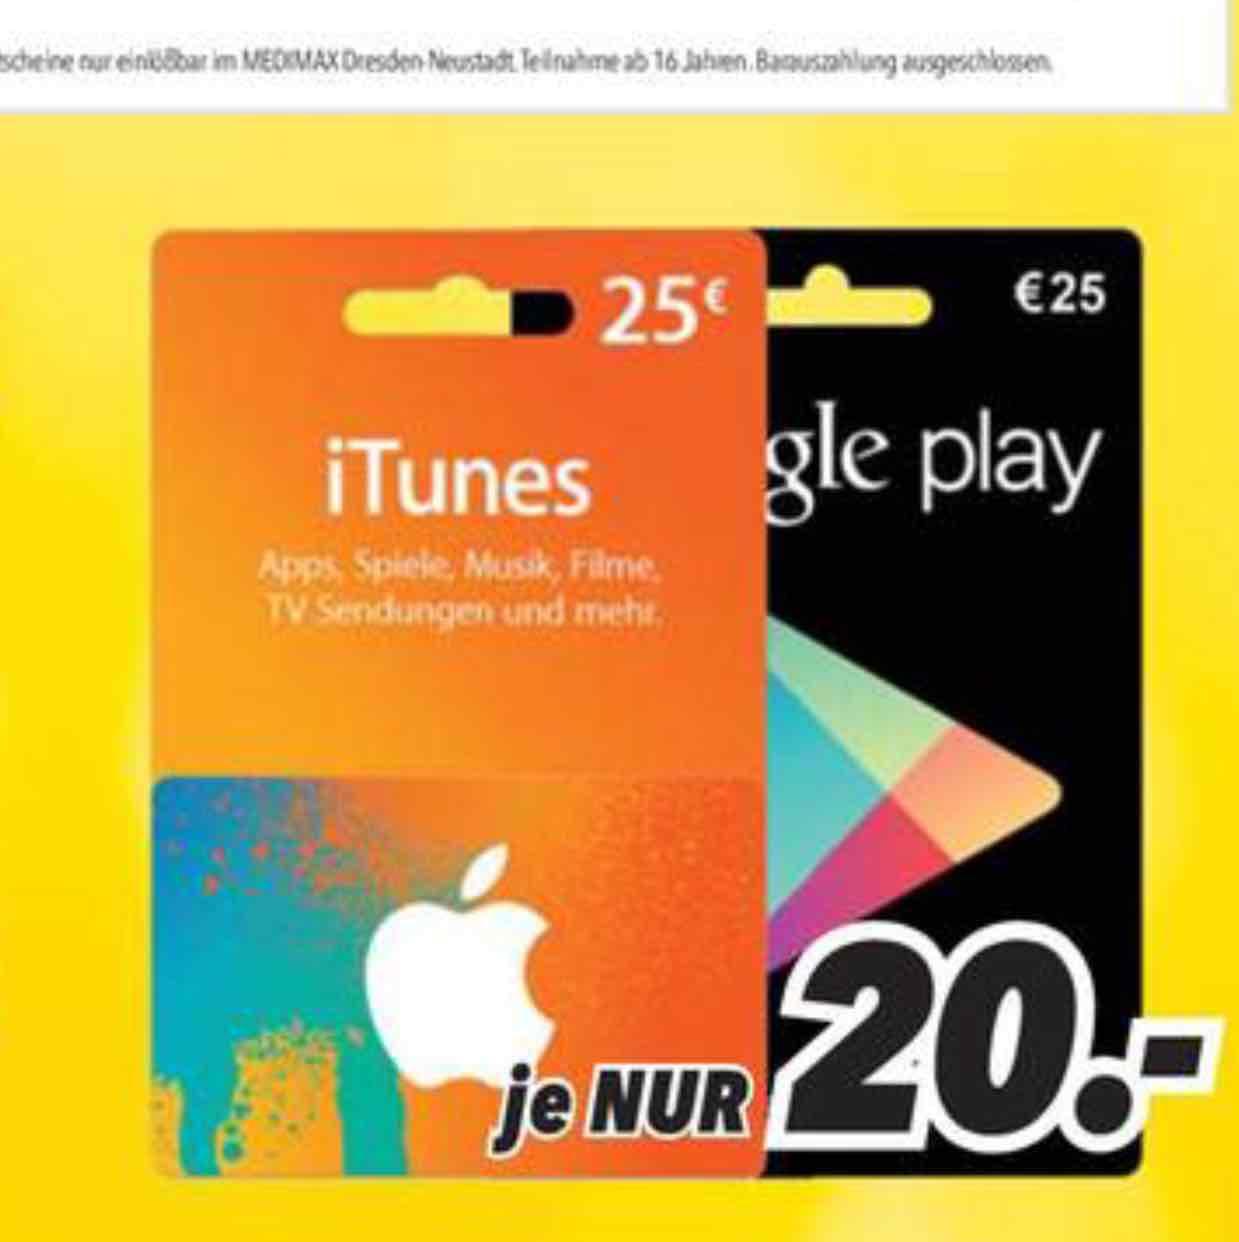 iTunes/Google play 25€ für 20€ in Dresden Neustadt